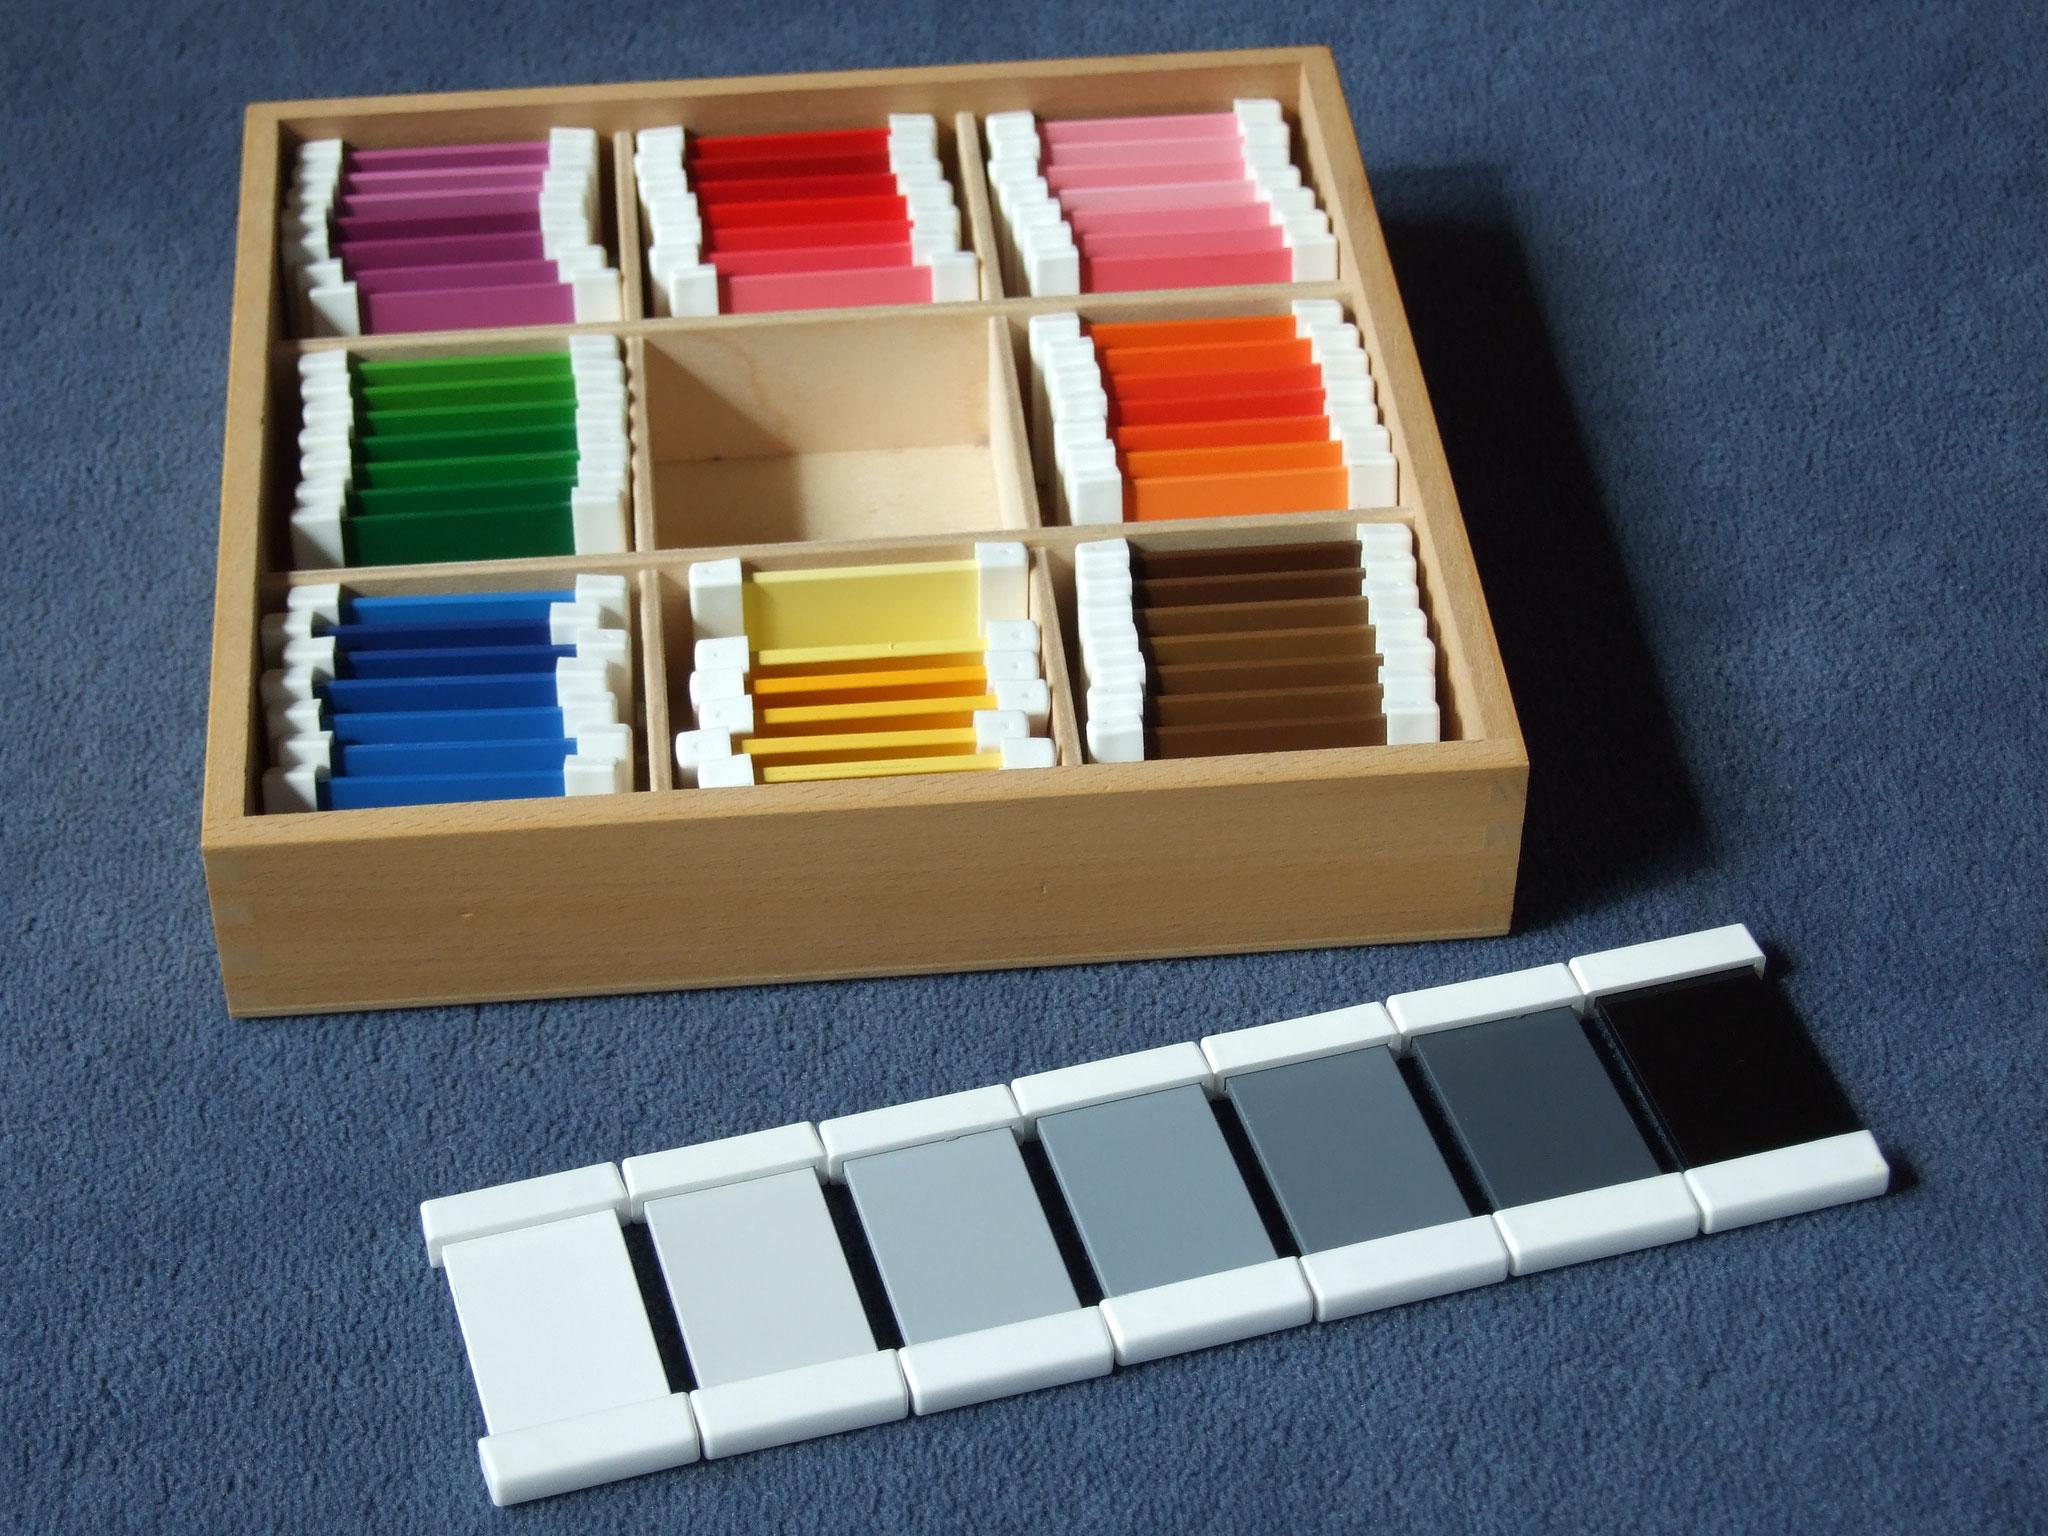 Farbtäfelchen: Schattierungskasten mit 9 Farben